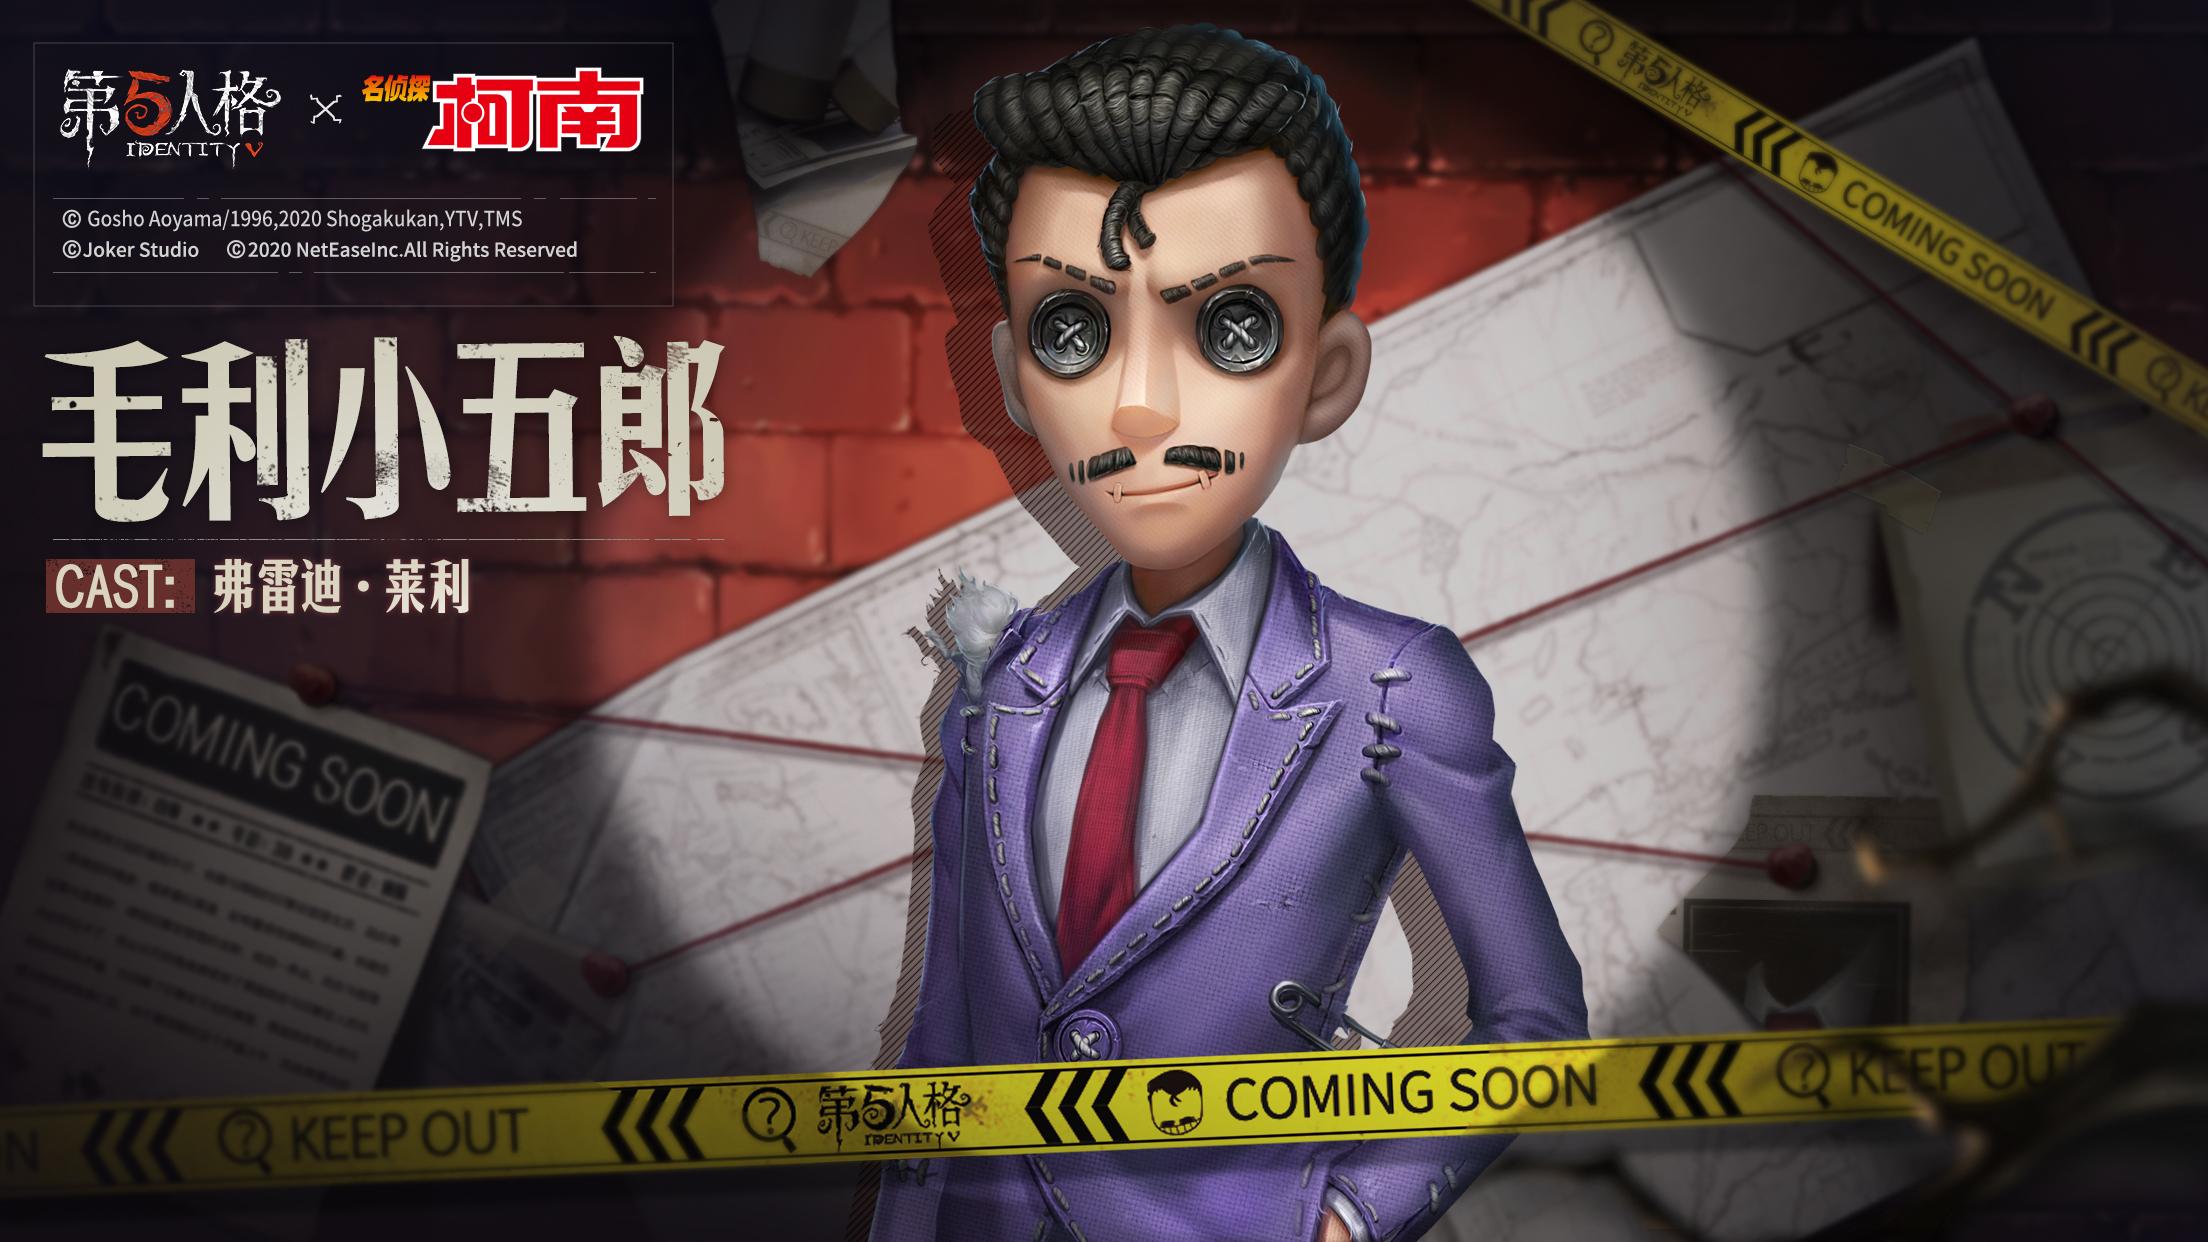 上海侦探排名_上海小学排名总排名_上海侦探调查